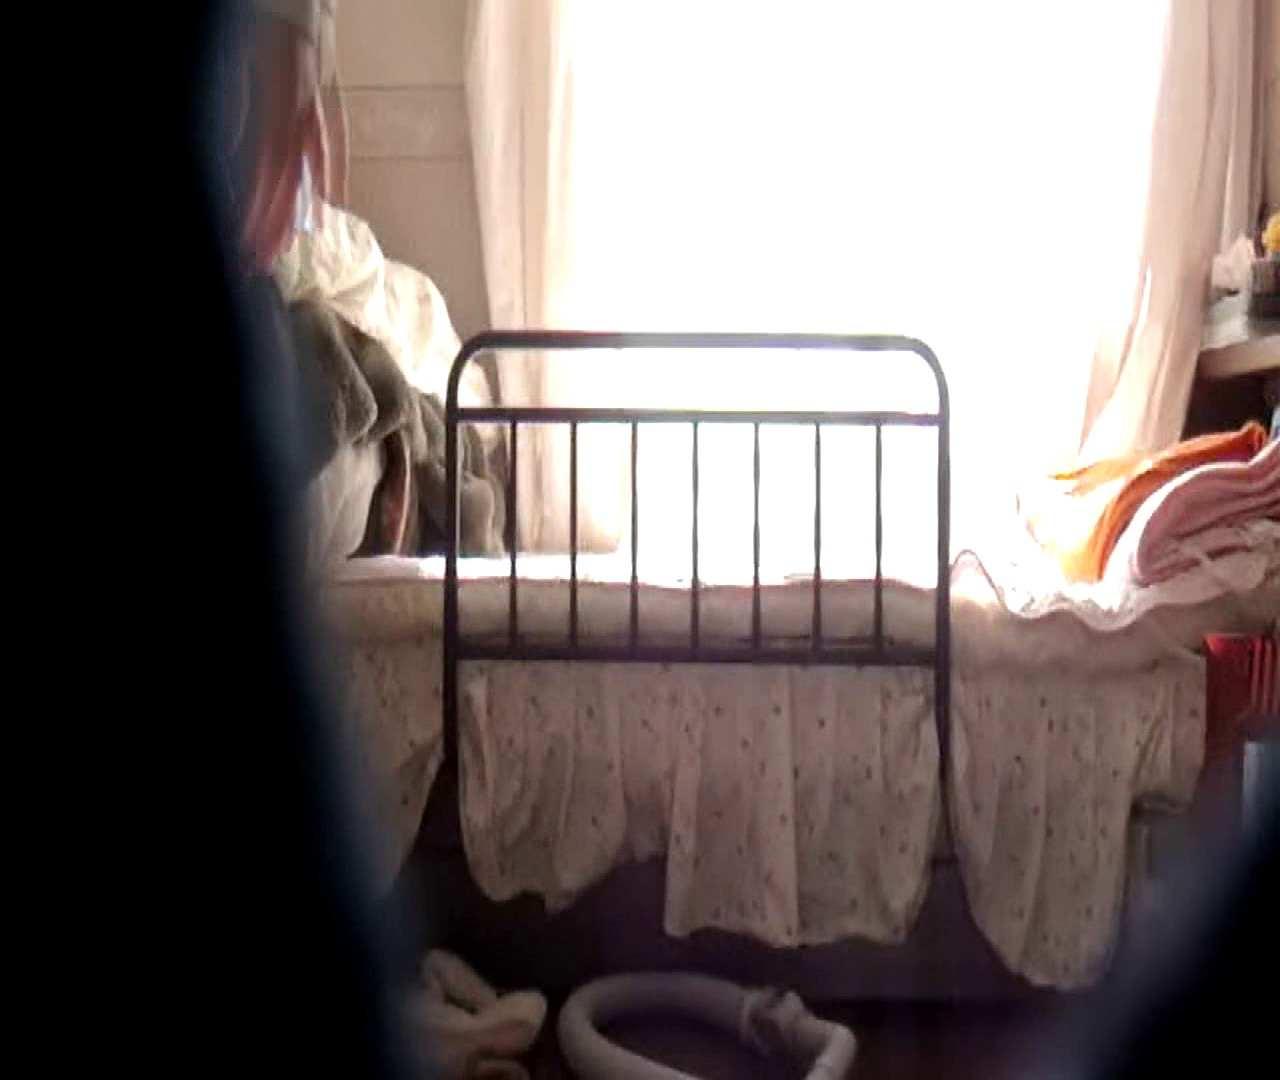 vol.3 まどかがパンツを見せながら部屋掃除、洗面所も少しどうぞ。 洗面所のぞき おめこ無修正画像 100枚 62